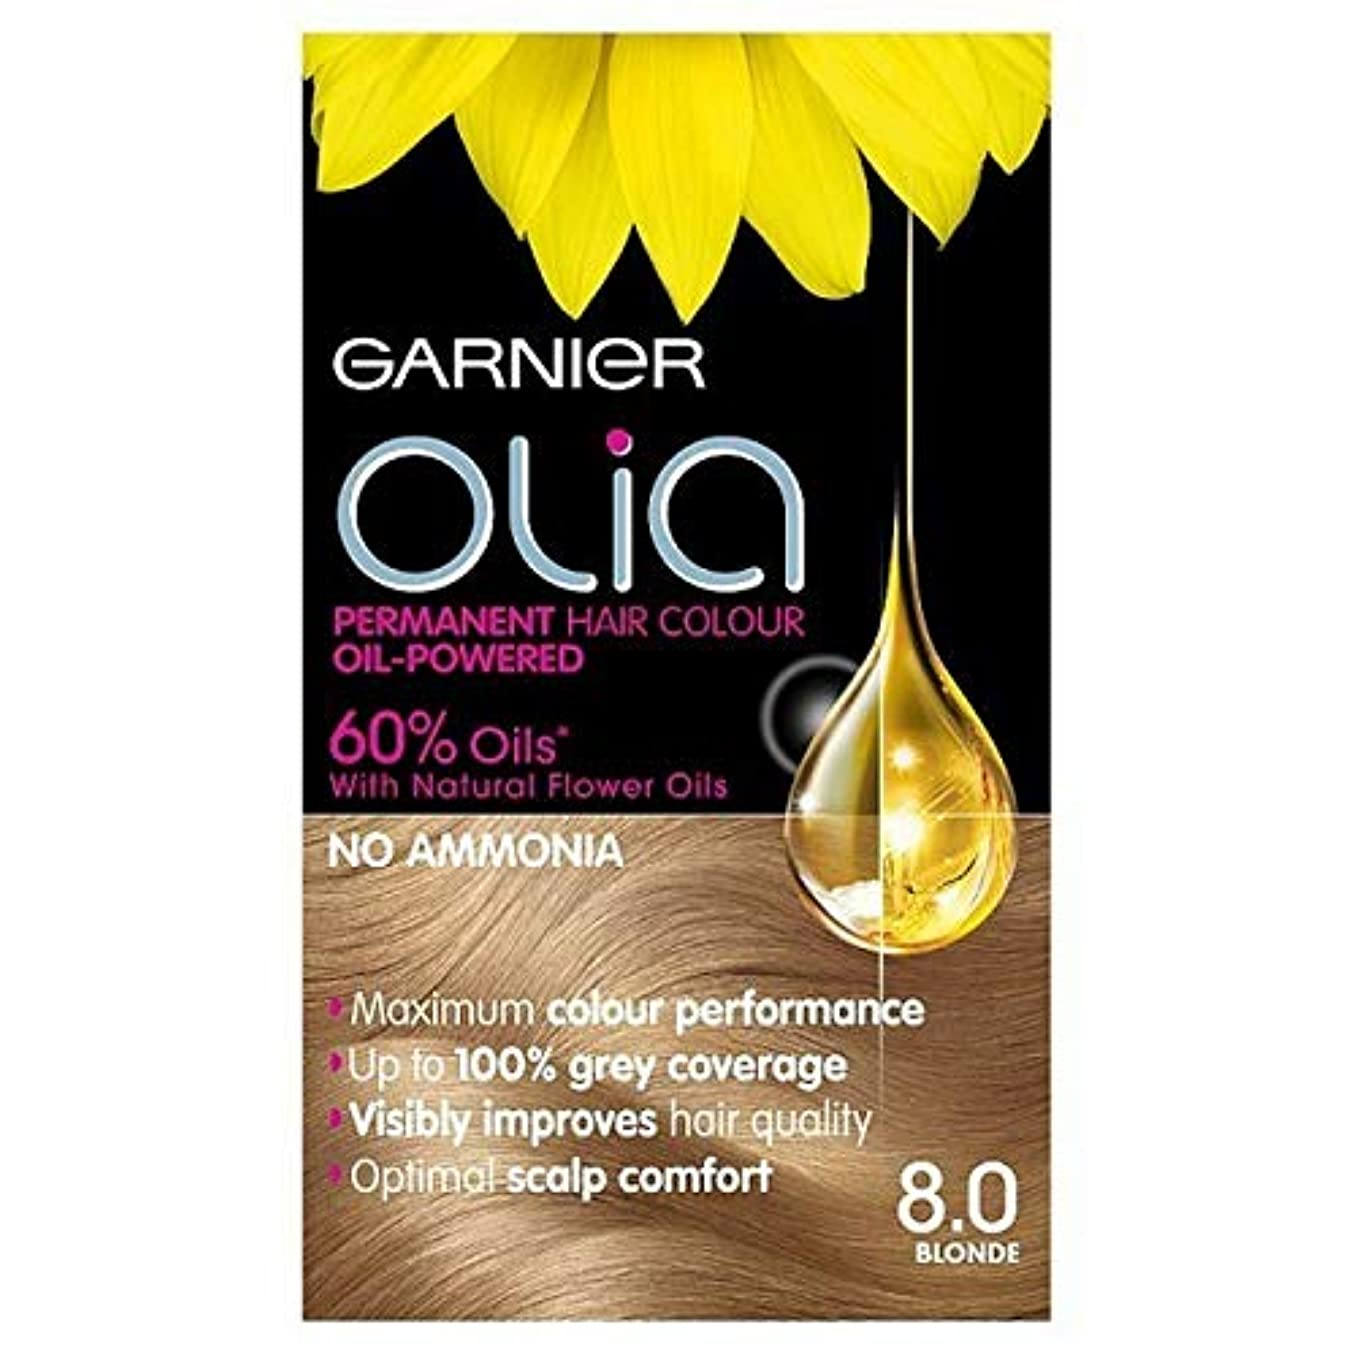 市の花名詞民族主義[Garnier ] 8.0ブロンドガルニエOliaパーマネントヘアダイ - Garnier Olia Permanent Hair Dye Blonde 8.0 [並行輸入品]